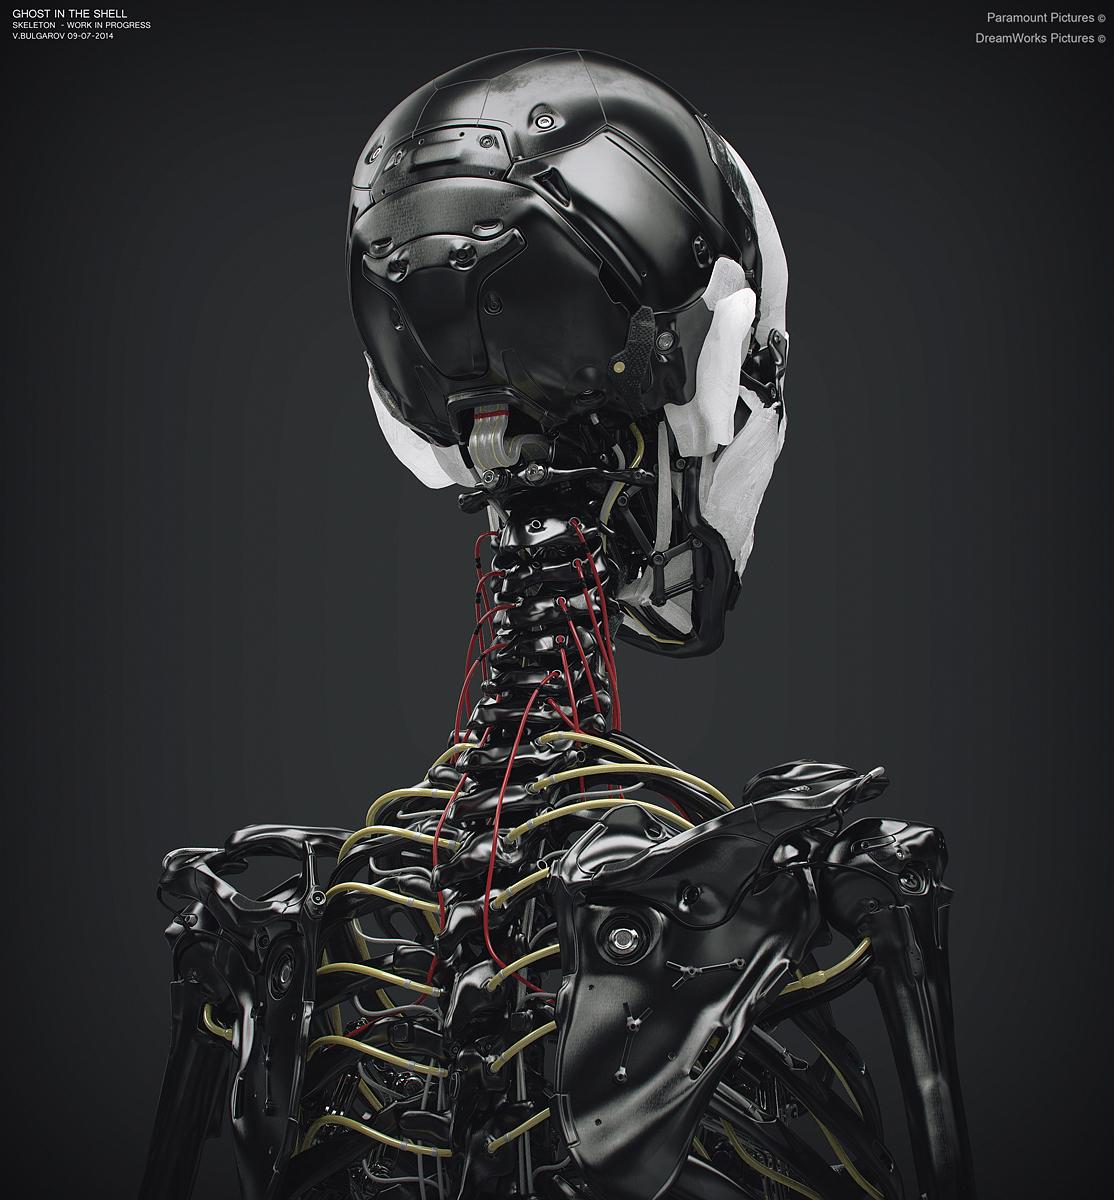 Ghost_SkeletonWork_09-07-2014_04.jpg